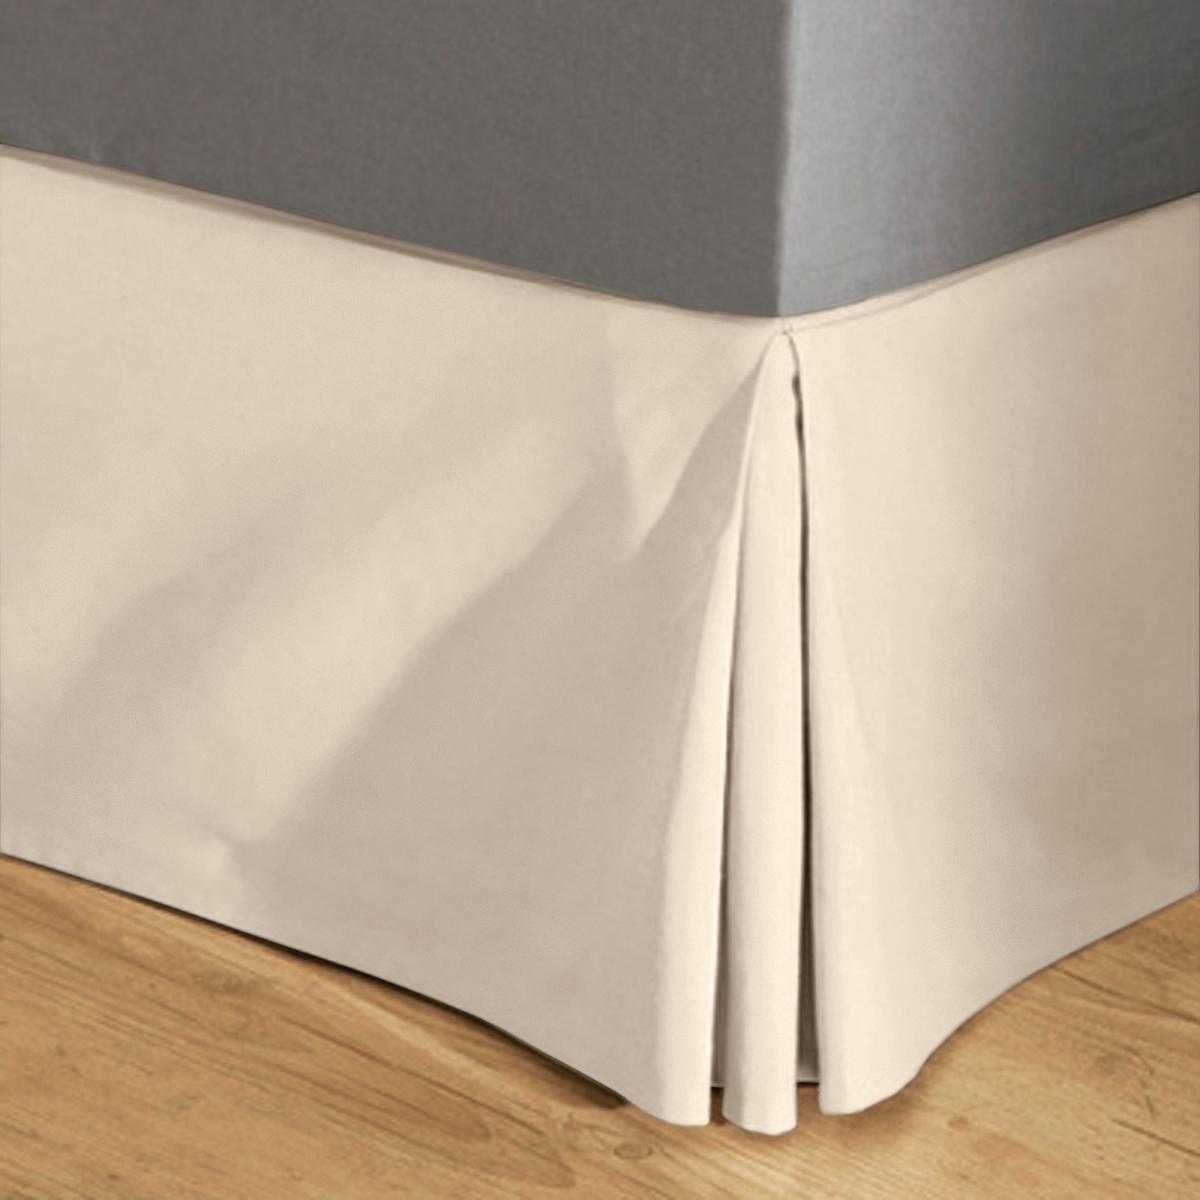 НаматрасникНаматрасник выполнен в очень модных цветах. Характеристики наматрасника:  Наматрасник из полотна, 80% хлопка, 20% полиэстера, окрашен в очень модные цвета. Высота боковых клапанов 28 см. Отделка: 2 угла со встречными складками.Юбка закрывает 3 стороны.Стирка при 40°.<br><br>Цвет: бежевый,серо-коричневый каштан,серый жемчужный,серый,экрю<br>Размер: 90 x 190  см.90 x 190  см.140 x 190  см.140 x 190  см.120 x 190  см.140 x 190  см.90 x 190  см